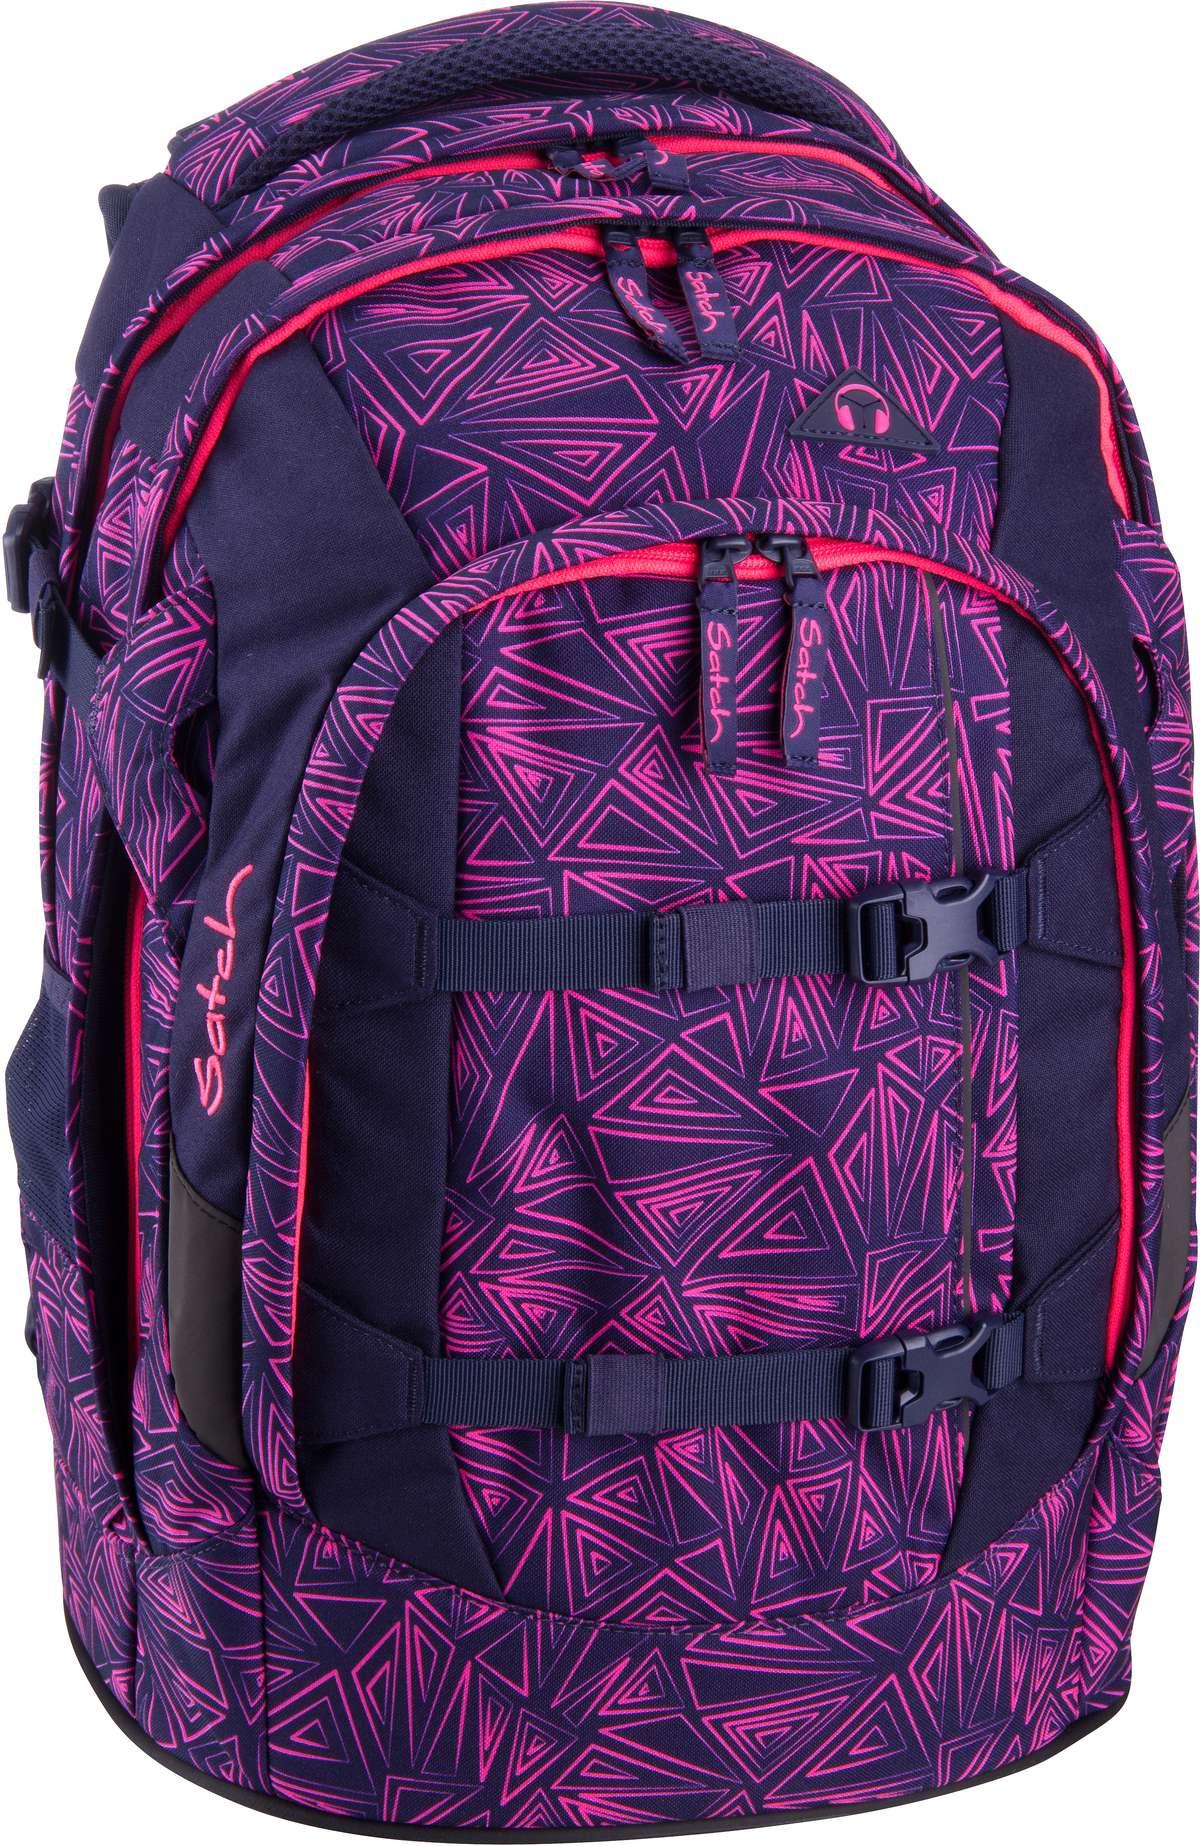 Schulrucksack pack 3.0 Pink Bermuda (30 Liter)